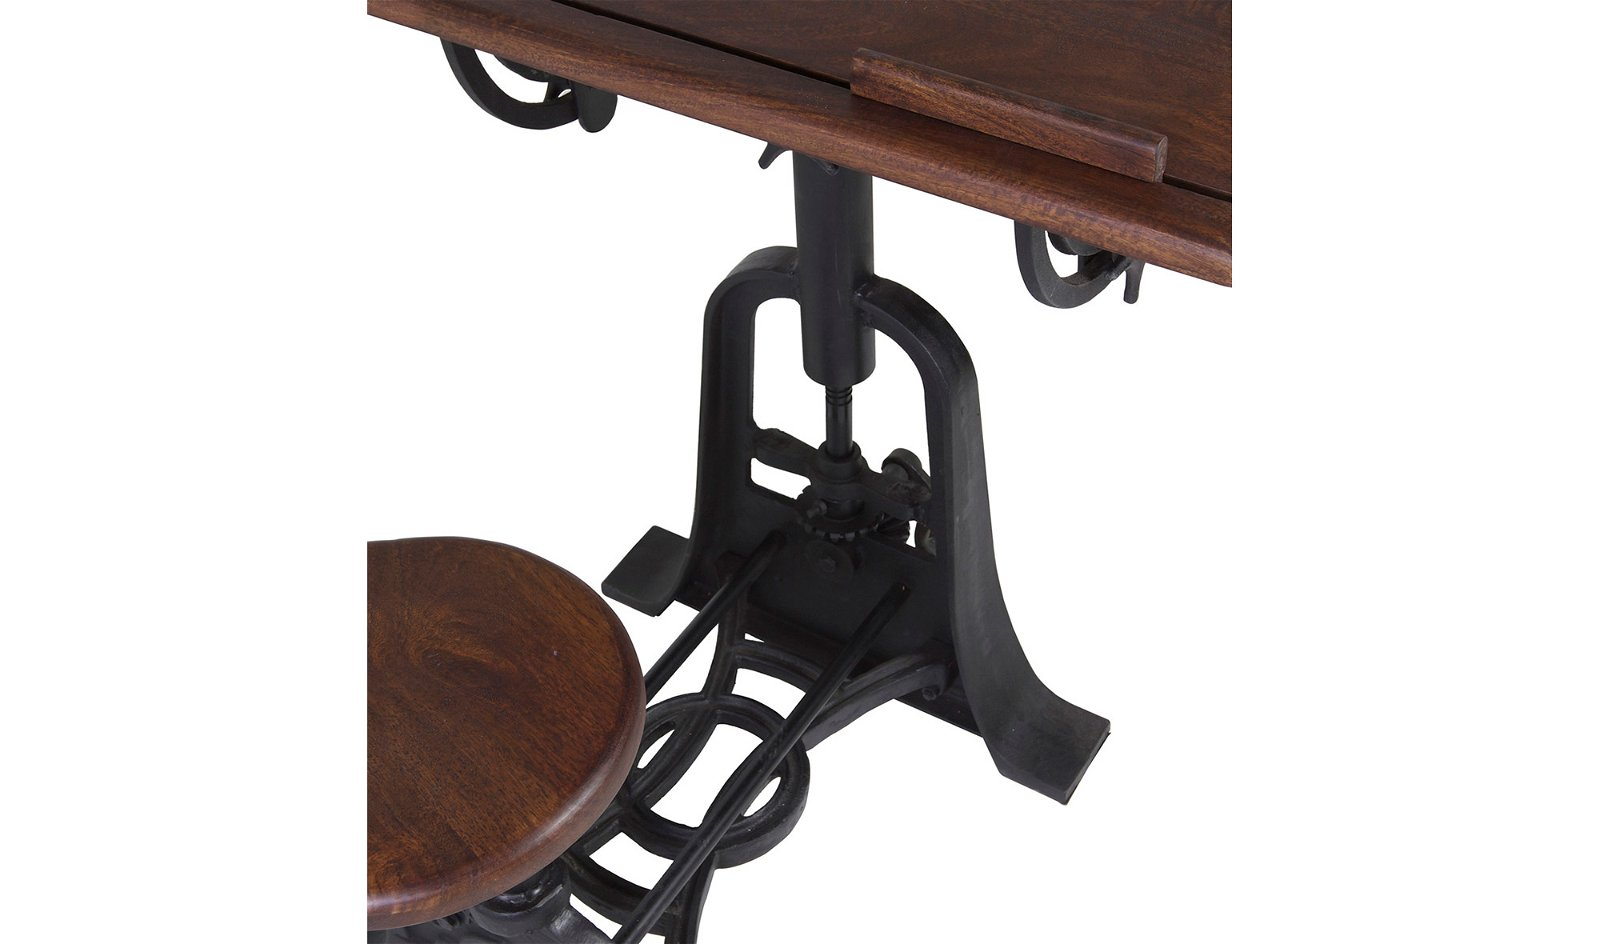 Mesa de escritorio con taburete industrial Pipa